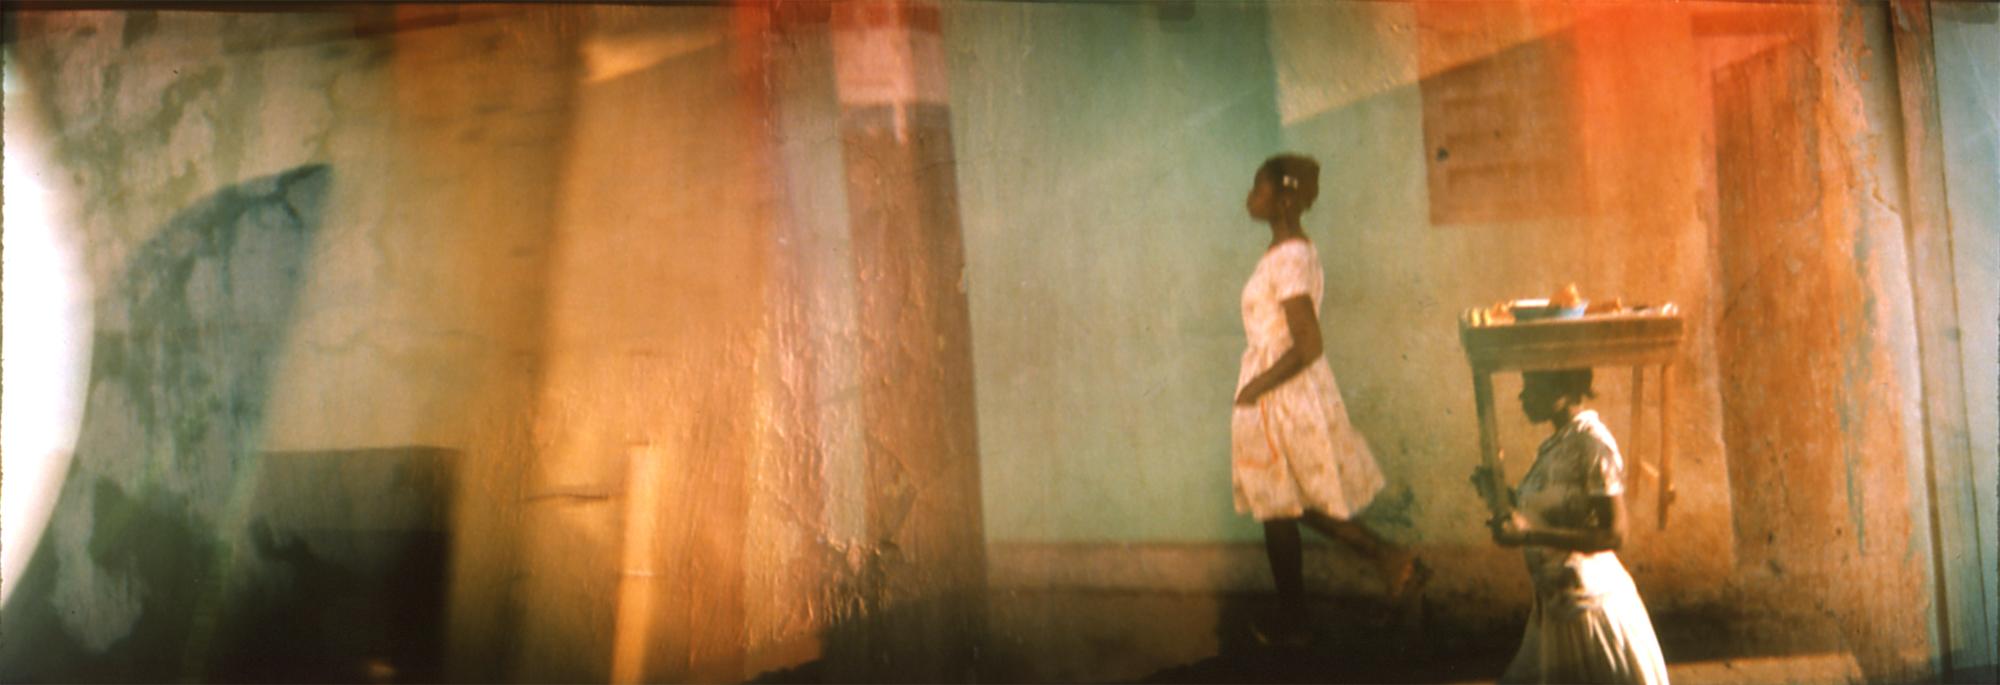 01_haiti-and-india.jpg